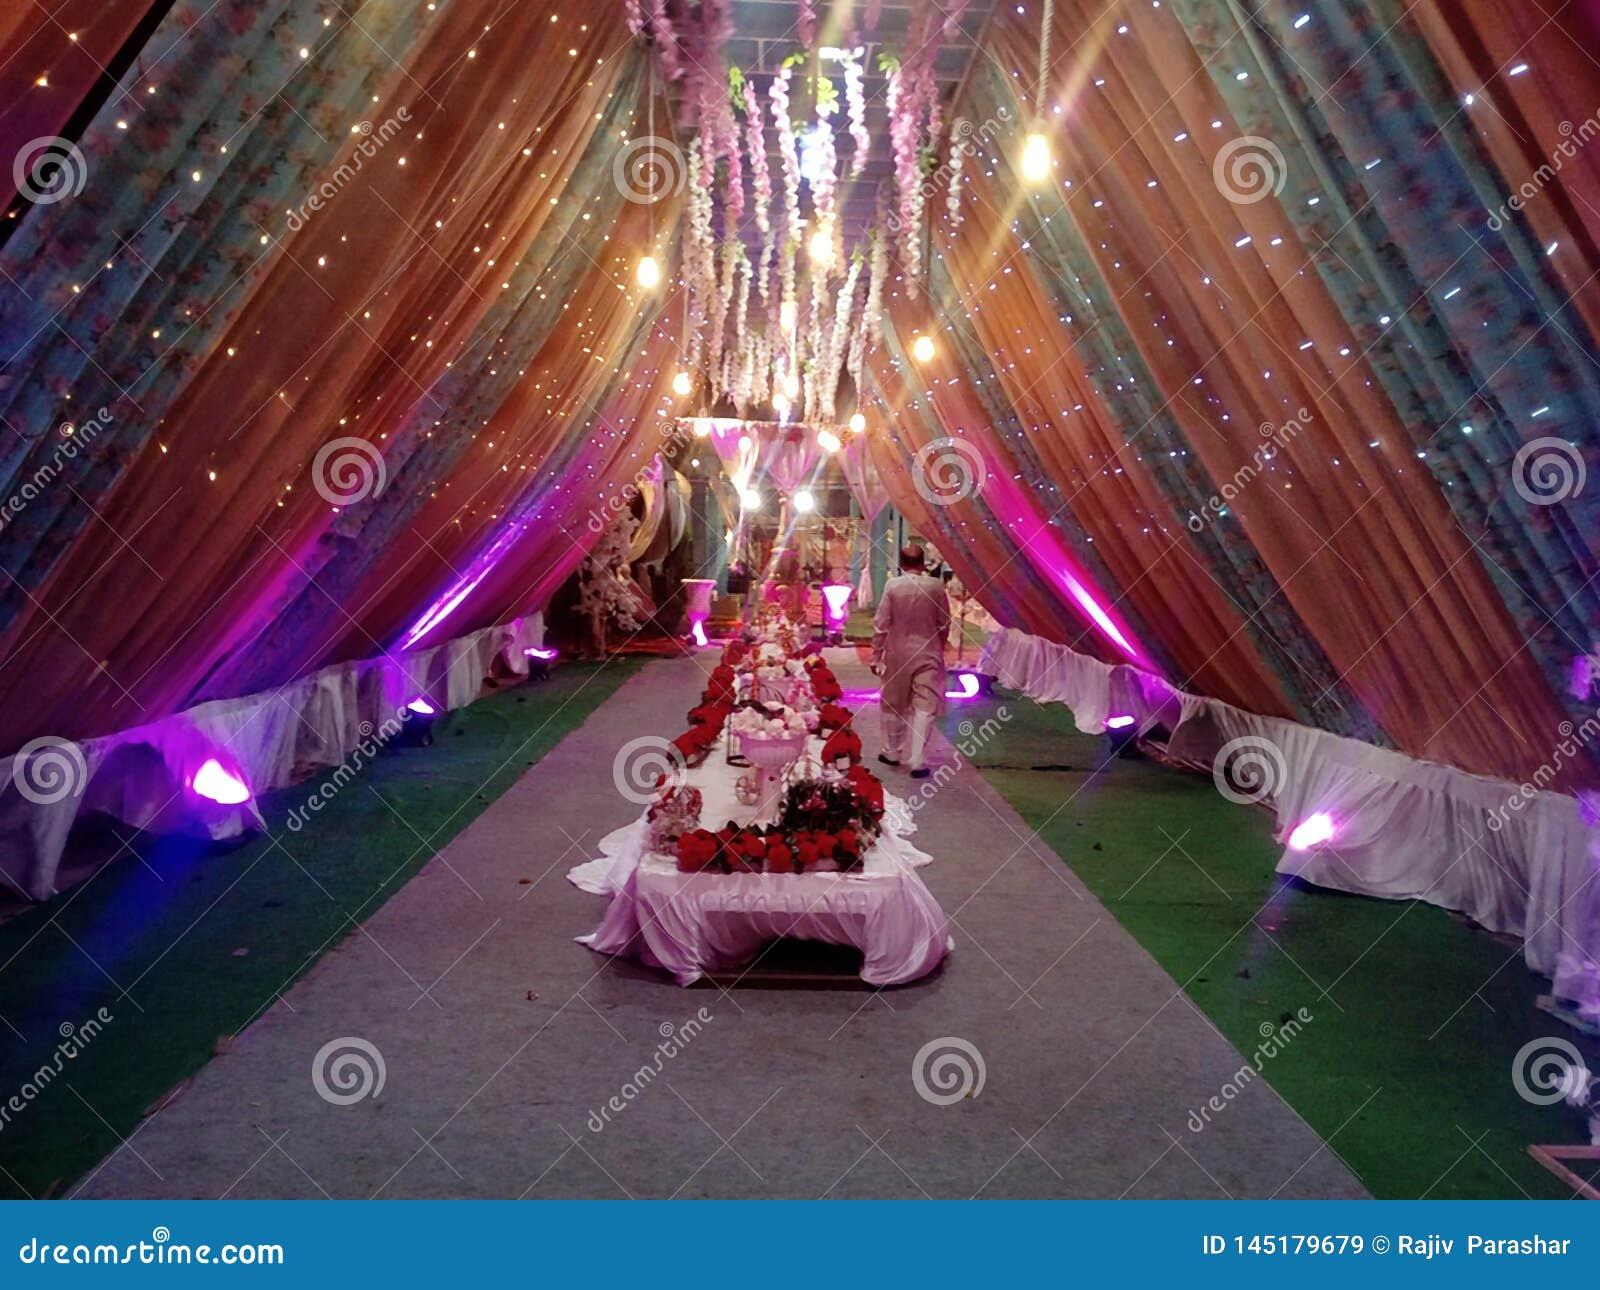 Dieses ist das Bild der Heiratsdekoration, das in vielen das Farblicht benutzt